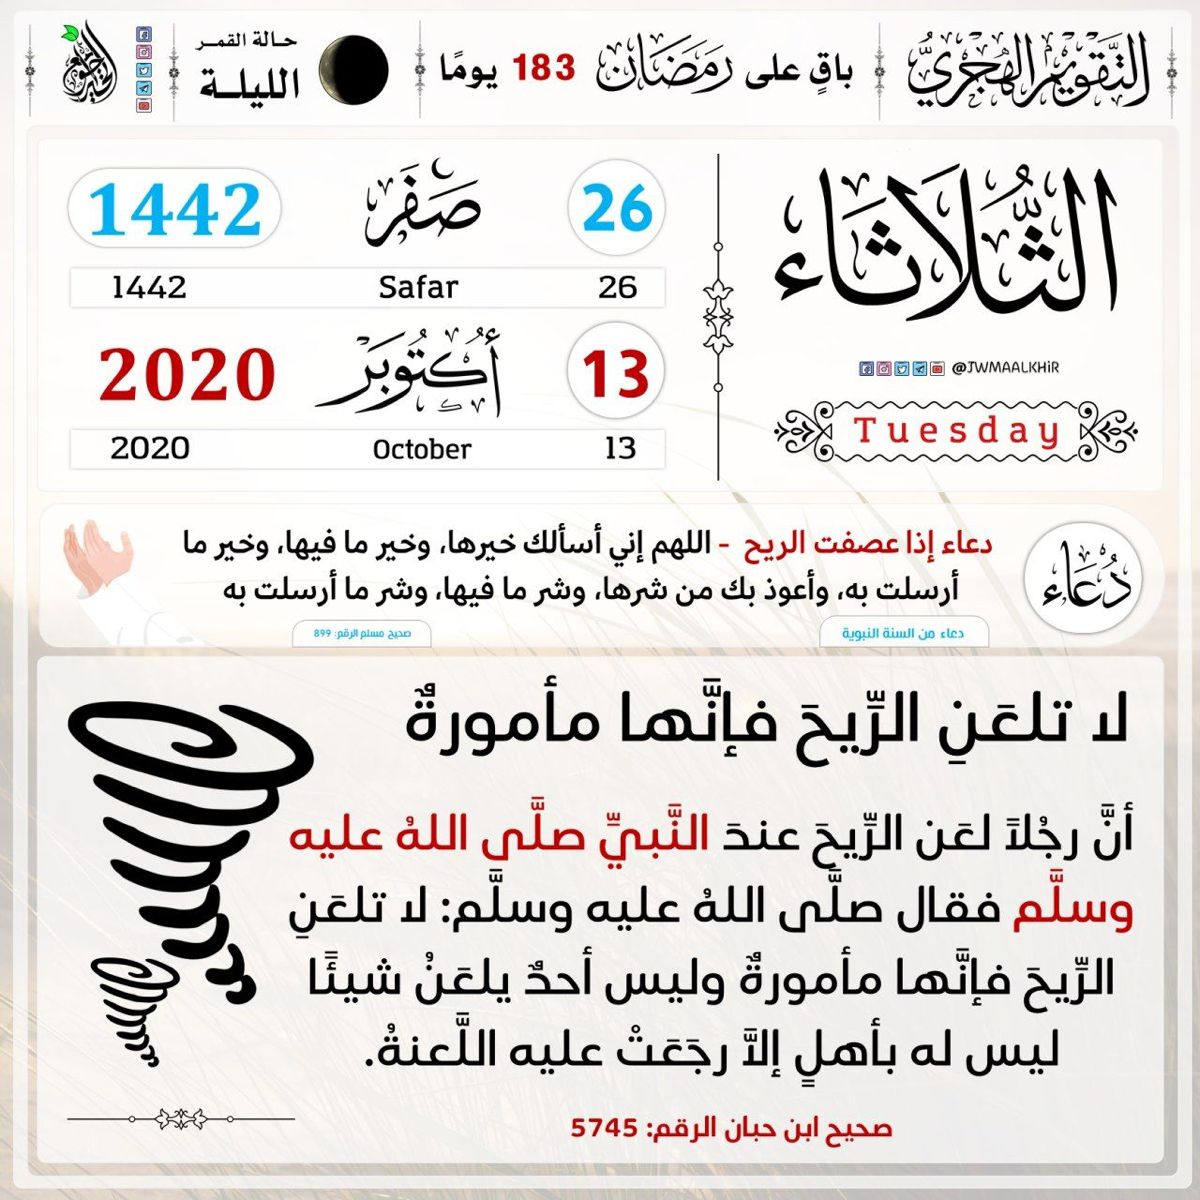 التذكير اليومي بـ التقويم الهجري الثلاثاء 26 صفر 1442هـ الموافق لـ 13 أكتوبر2020م باق على رمضان 183 يوم ا حديث اليوم أن رج Words Word Search Puzzle